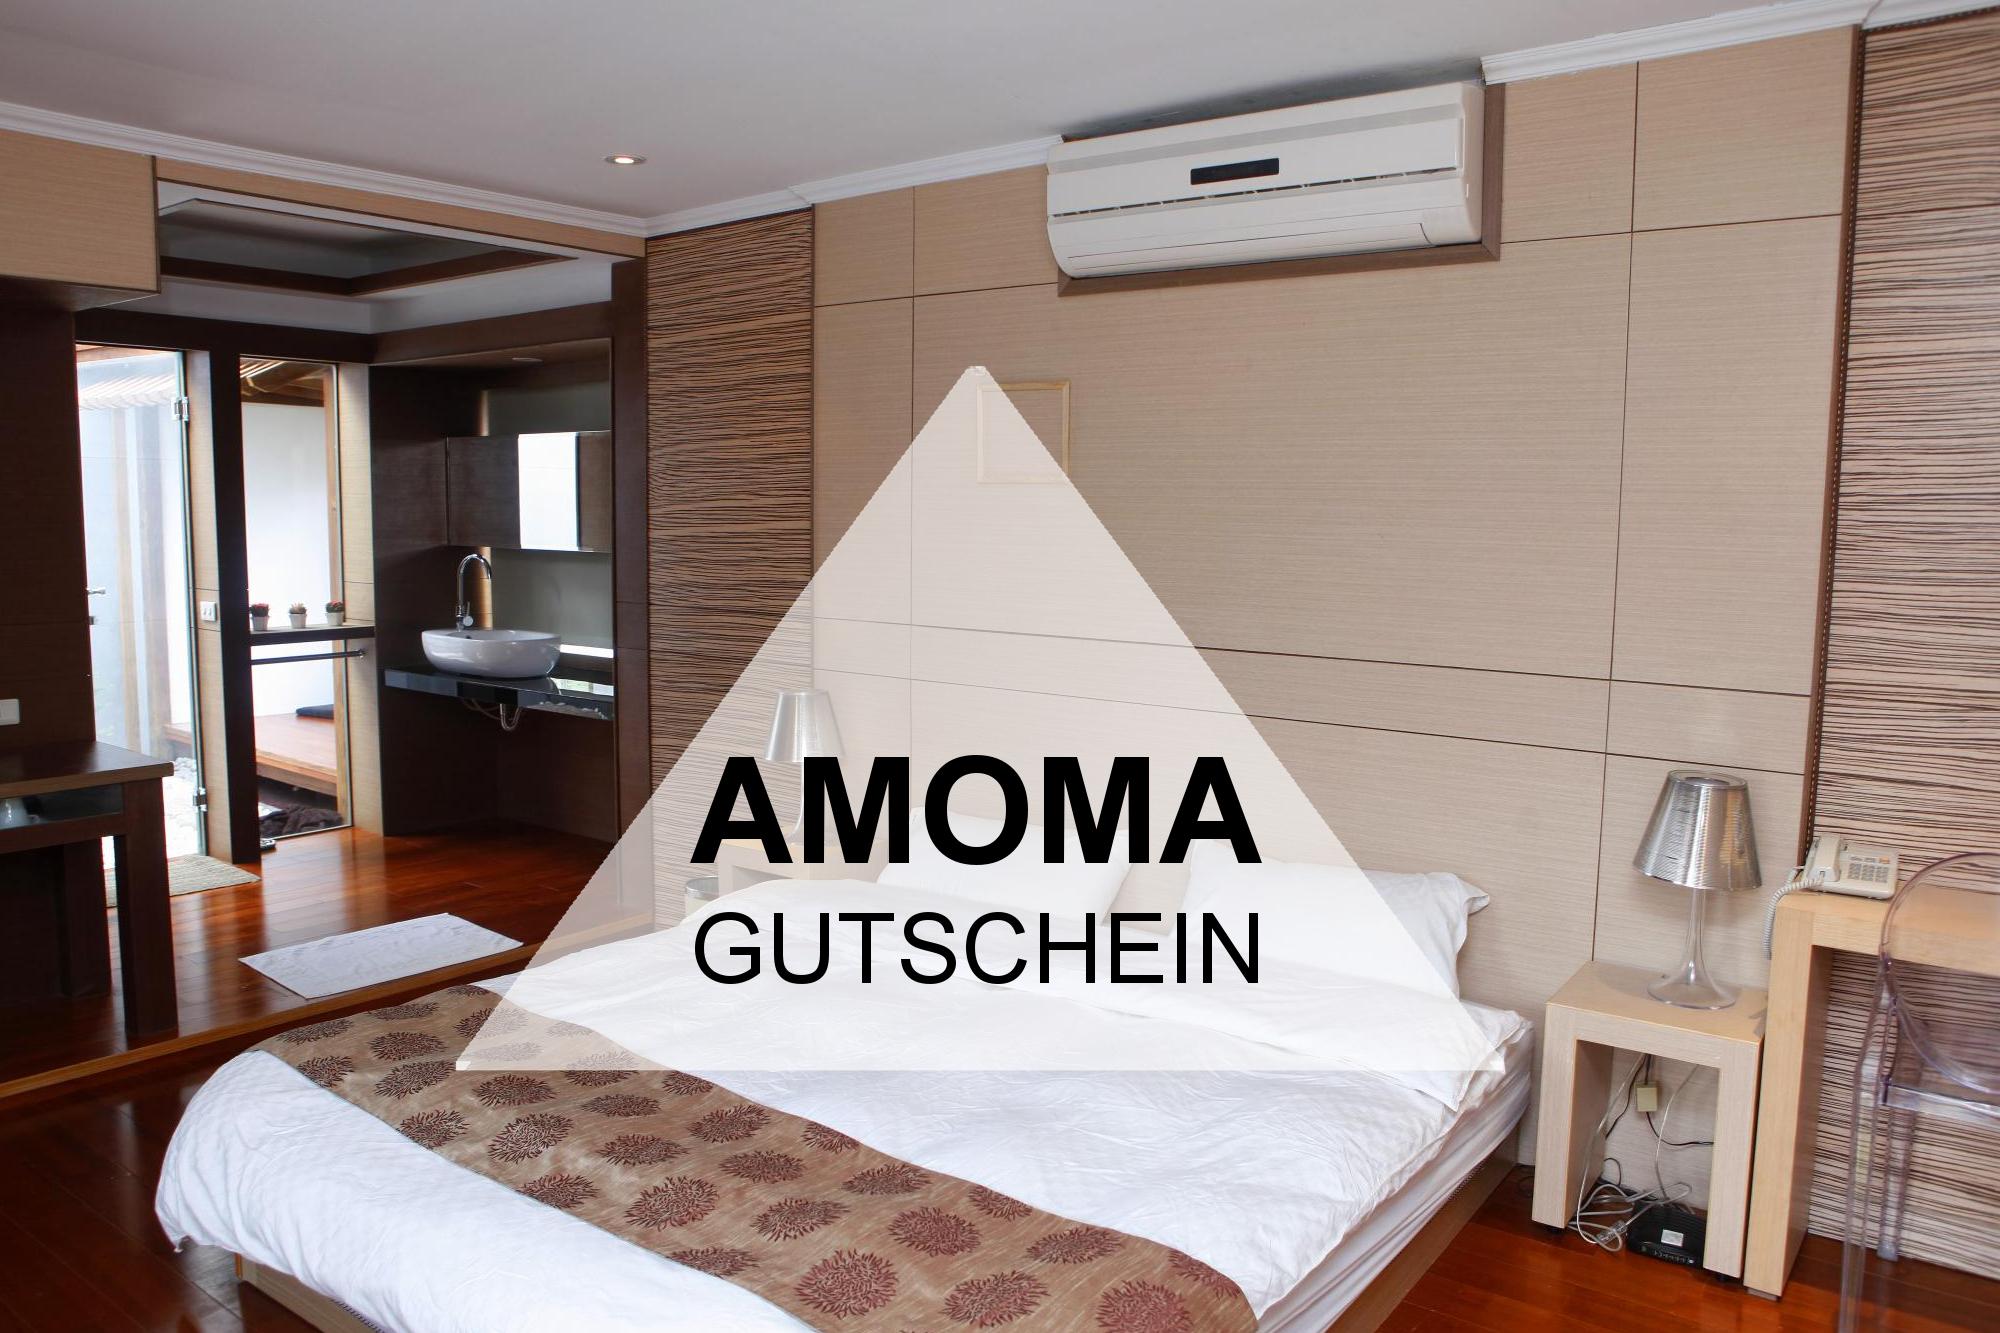 Gutschein 5 sparen bei eurer hotelbuchung - Gutschein bader dezember 2016 ...